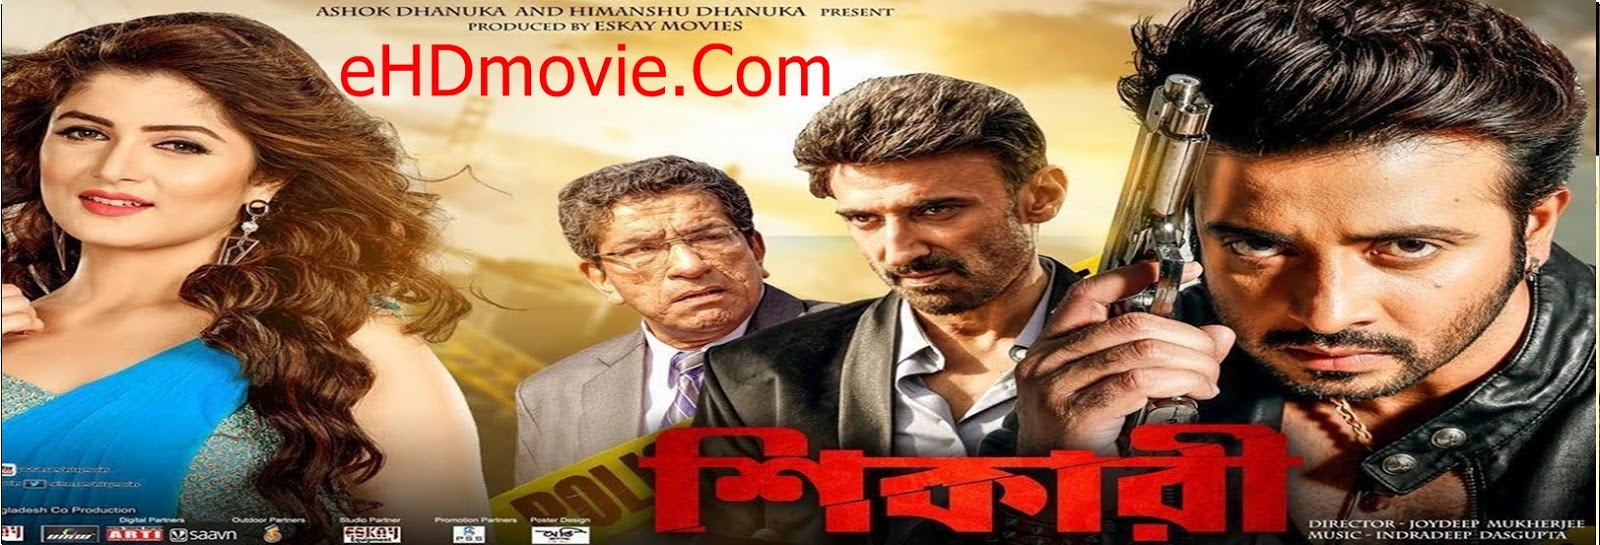 Shikari 2016 Bengali Full Movie Original 480p - 720p ORG HDRip 450MB - 1.3GB